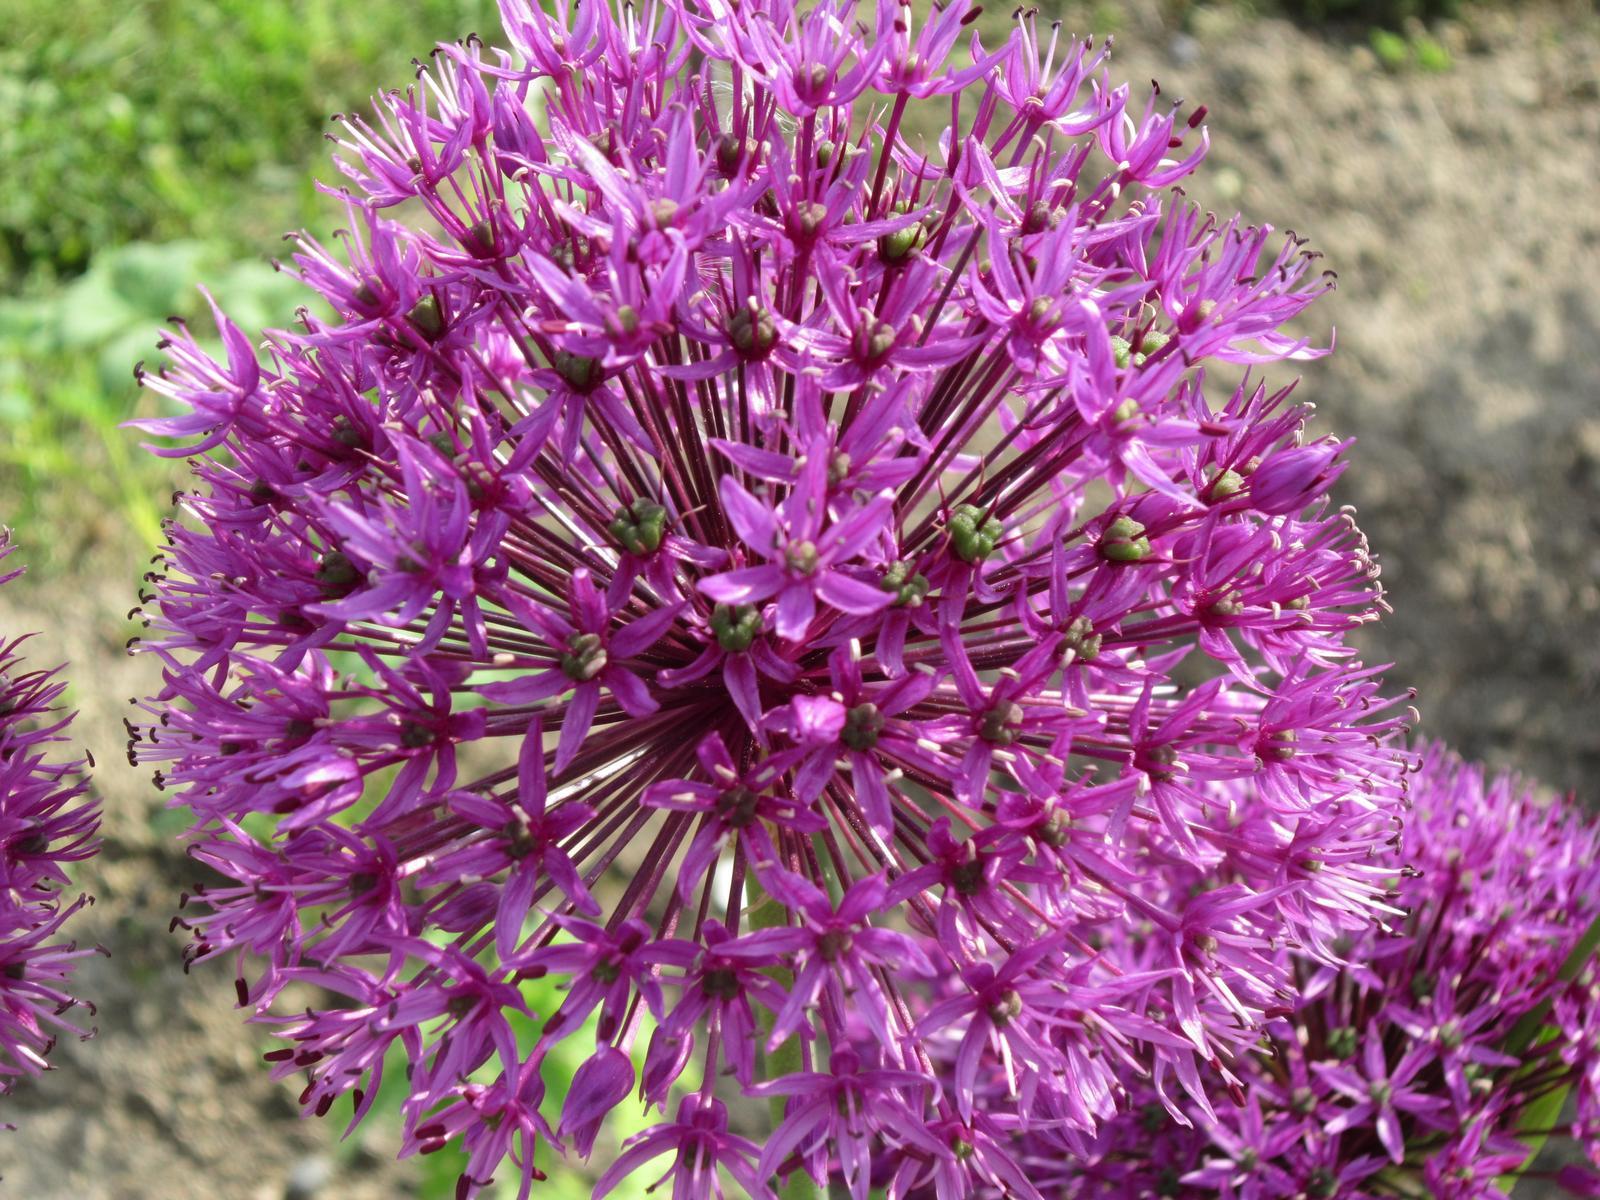 Moja záhrada...ako šiel čas - Milujem ozdobné cesnaky...sú krásne v každej podobe...